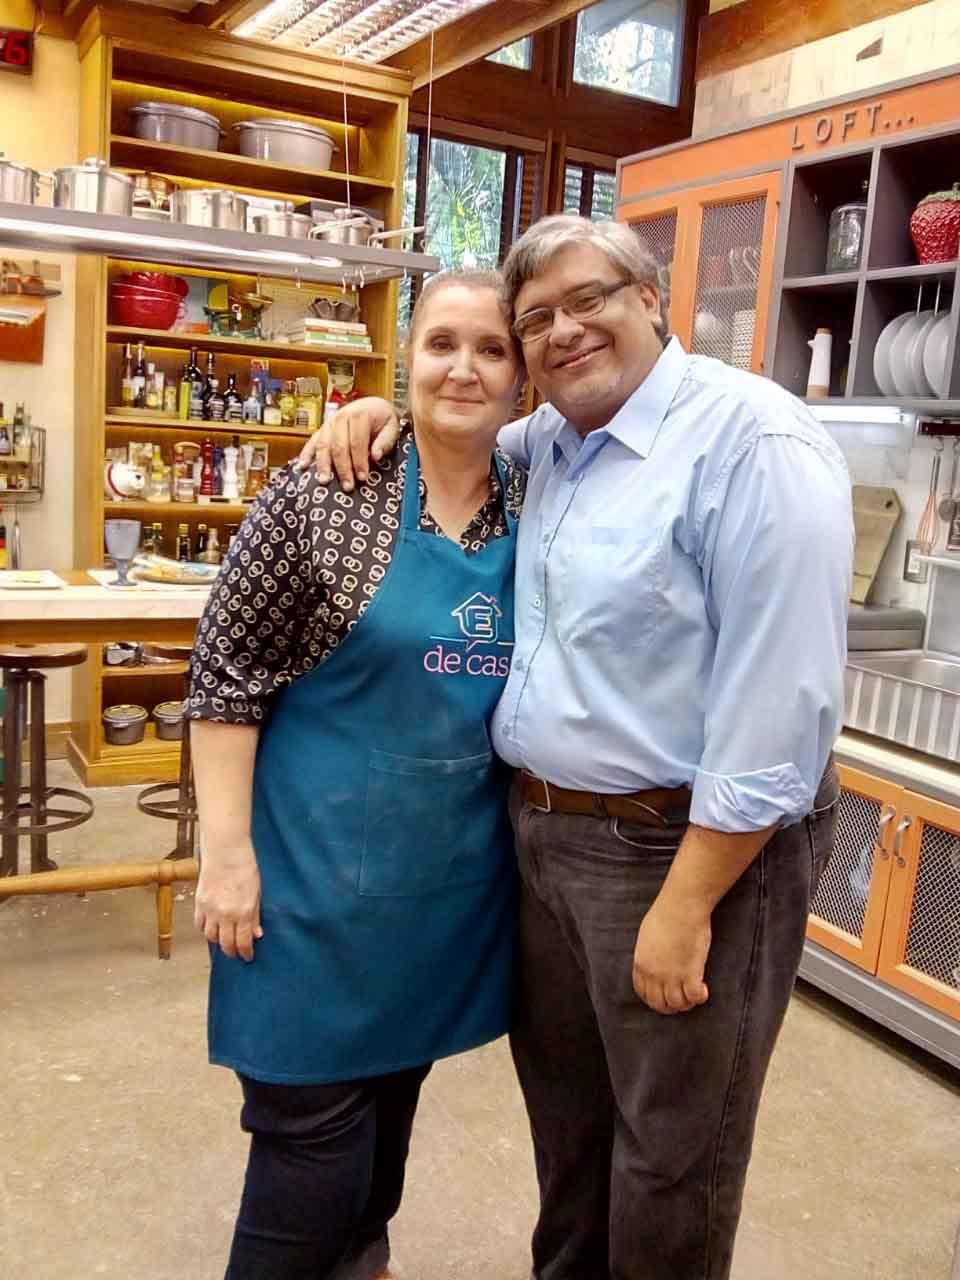 casal de venezuelanos se abraçam em cozinha de comida árabe